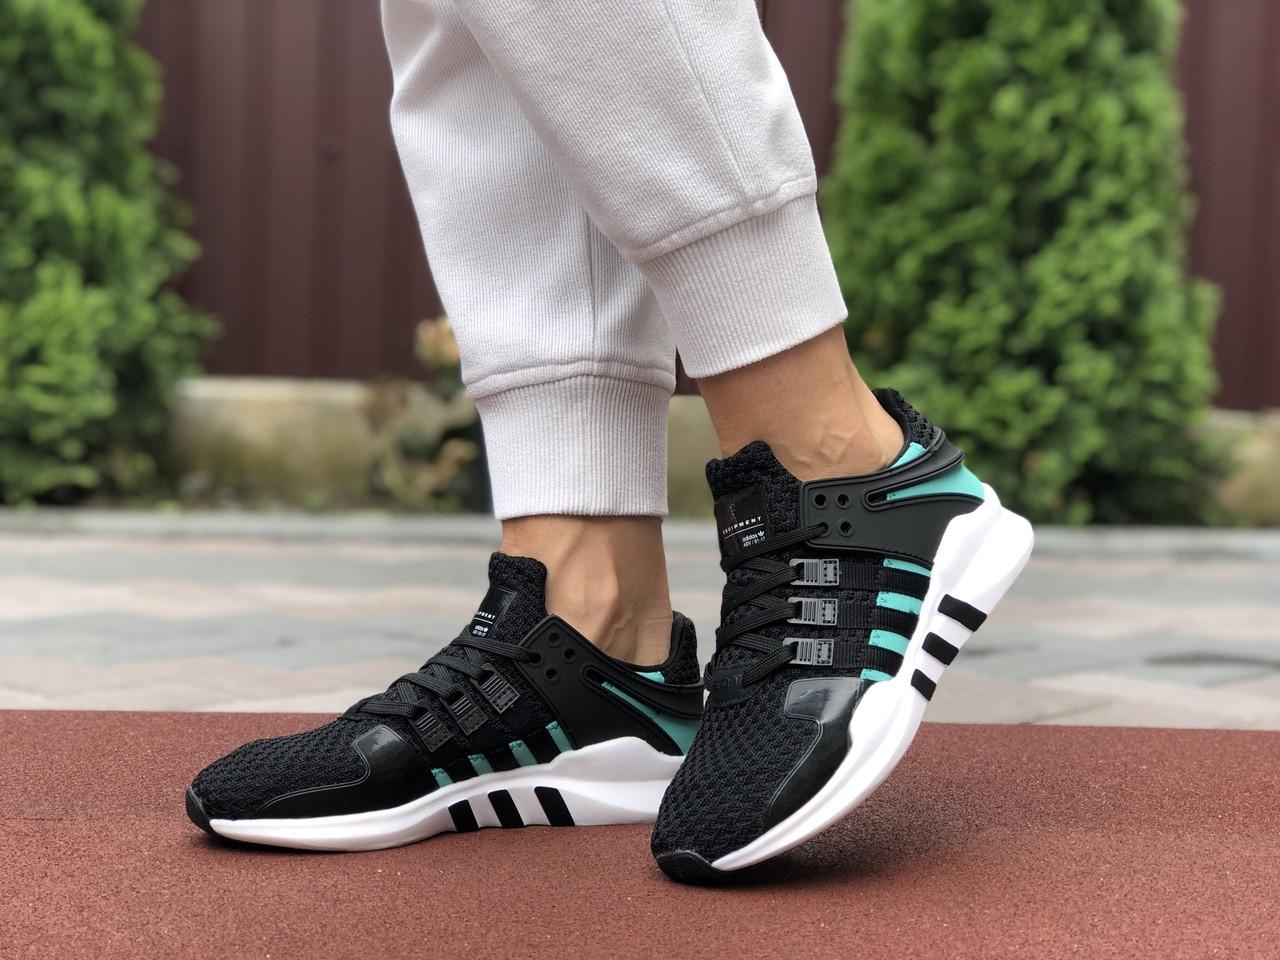 Літні кросівки Adidas Equipment,сітка, чорні з м'ятним